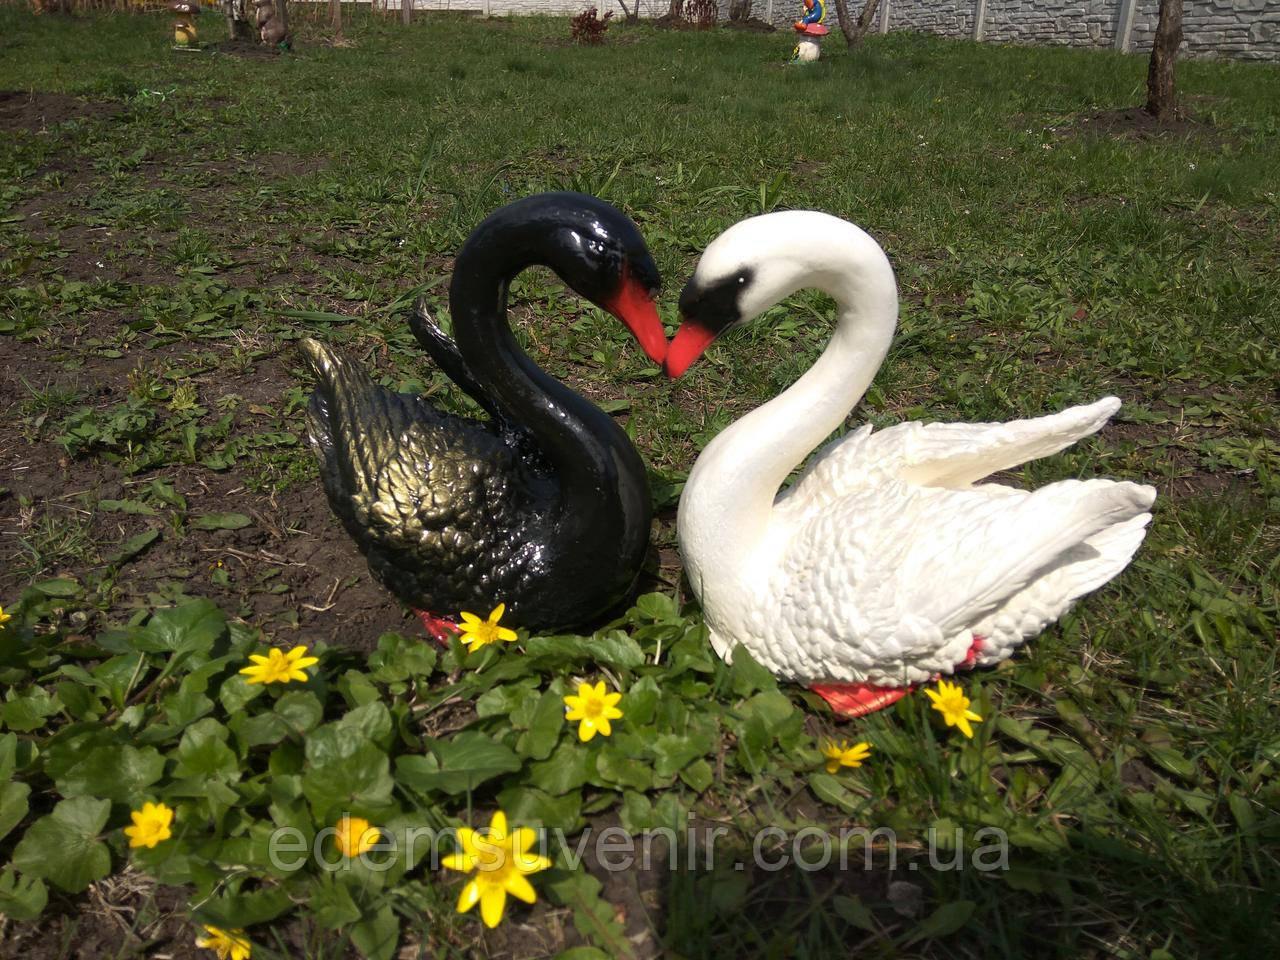 Садовые фигуры Лебеди - Производитель садовых фигур Еdем в Харькове